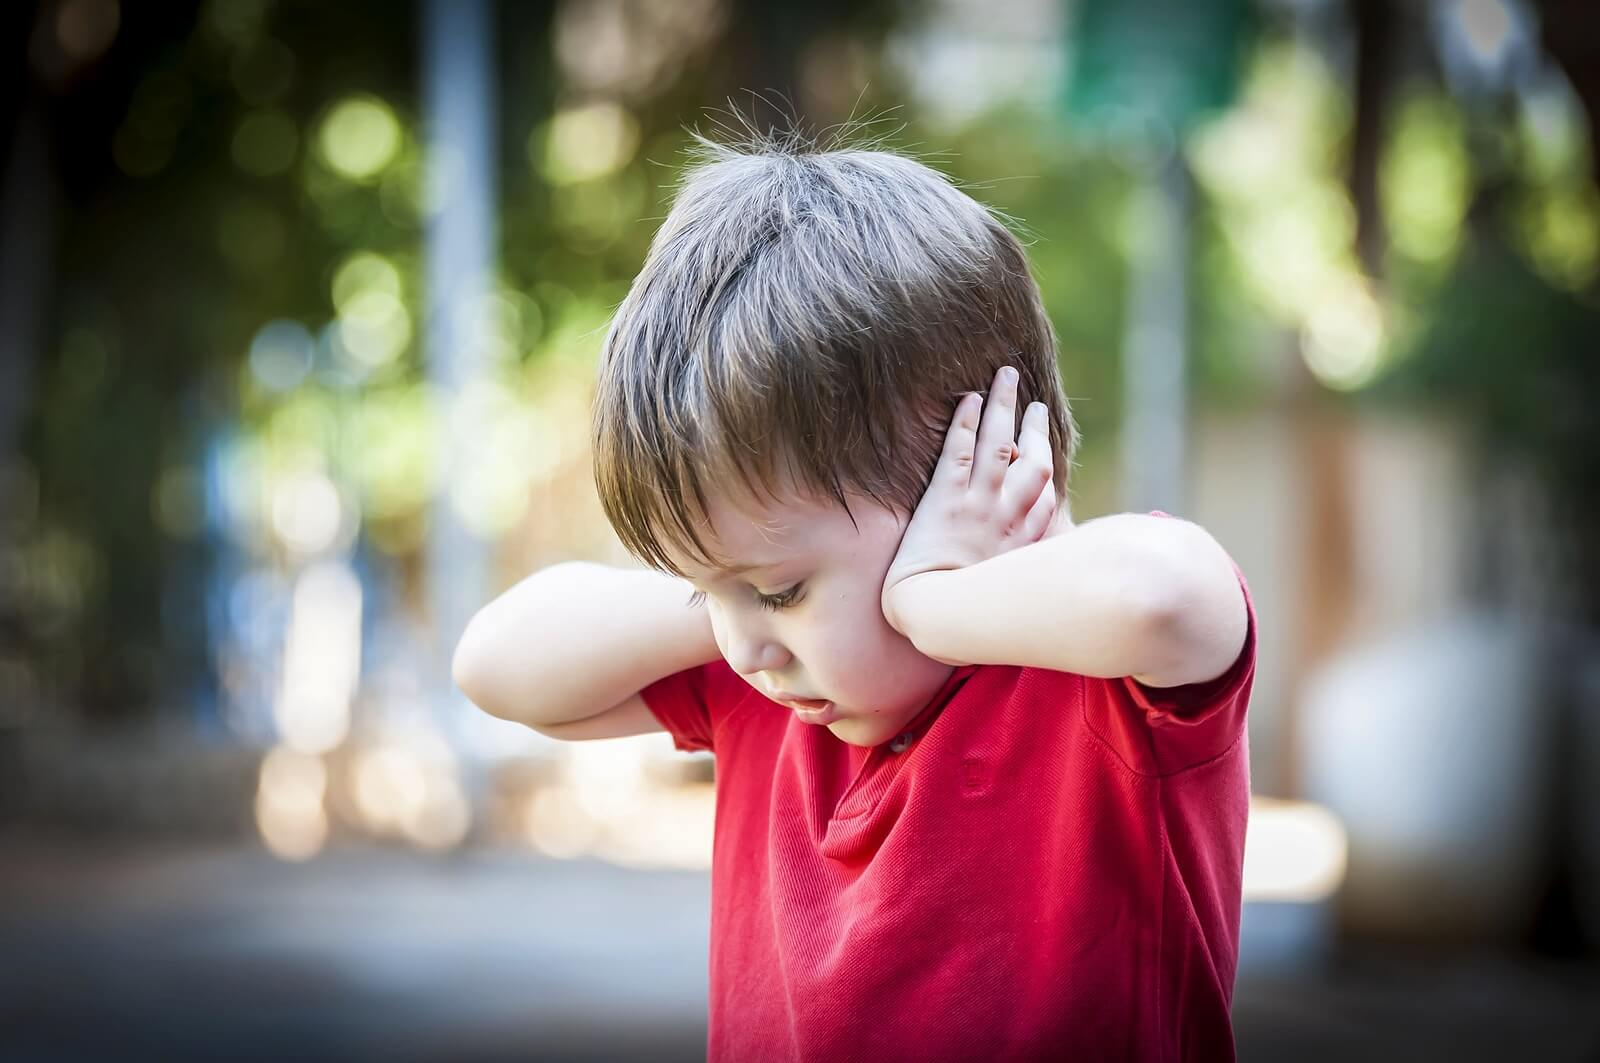 Niño con síndrome de savant tapándose los oídos.